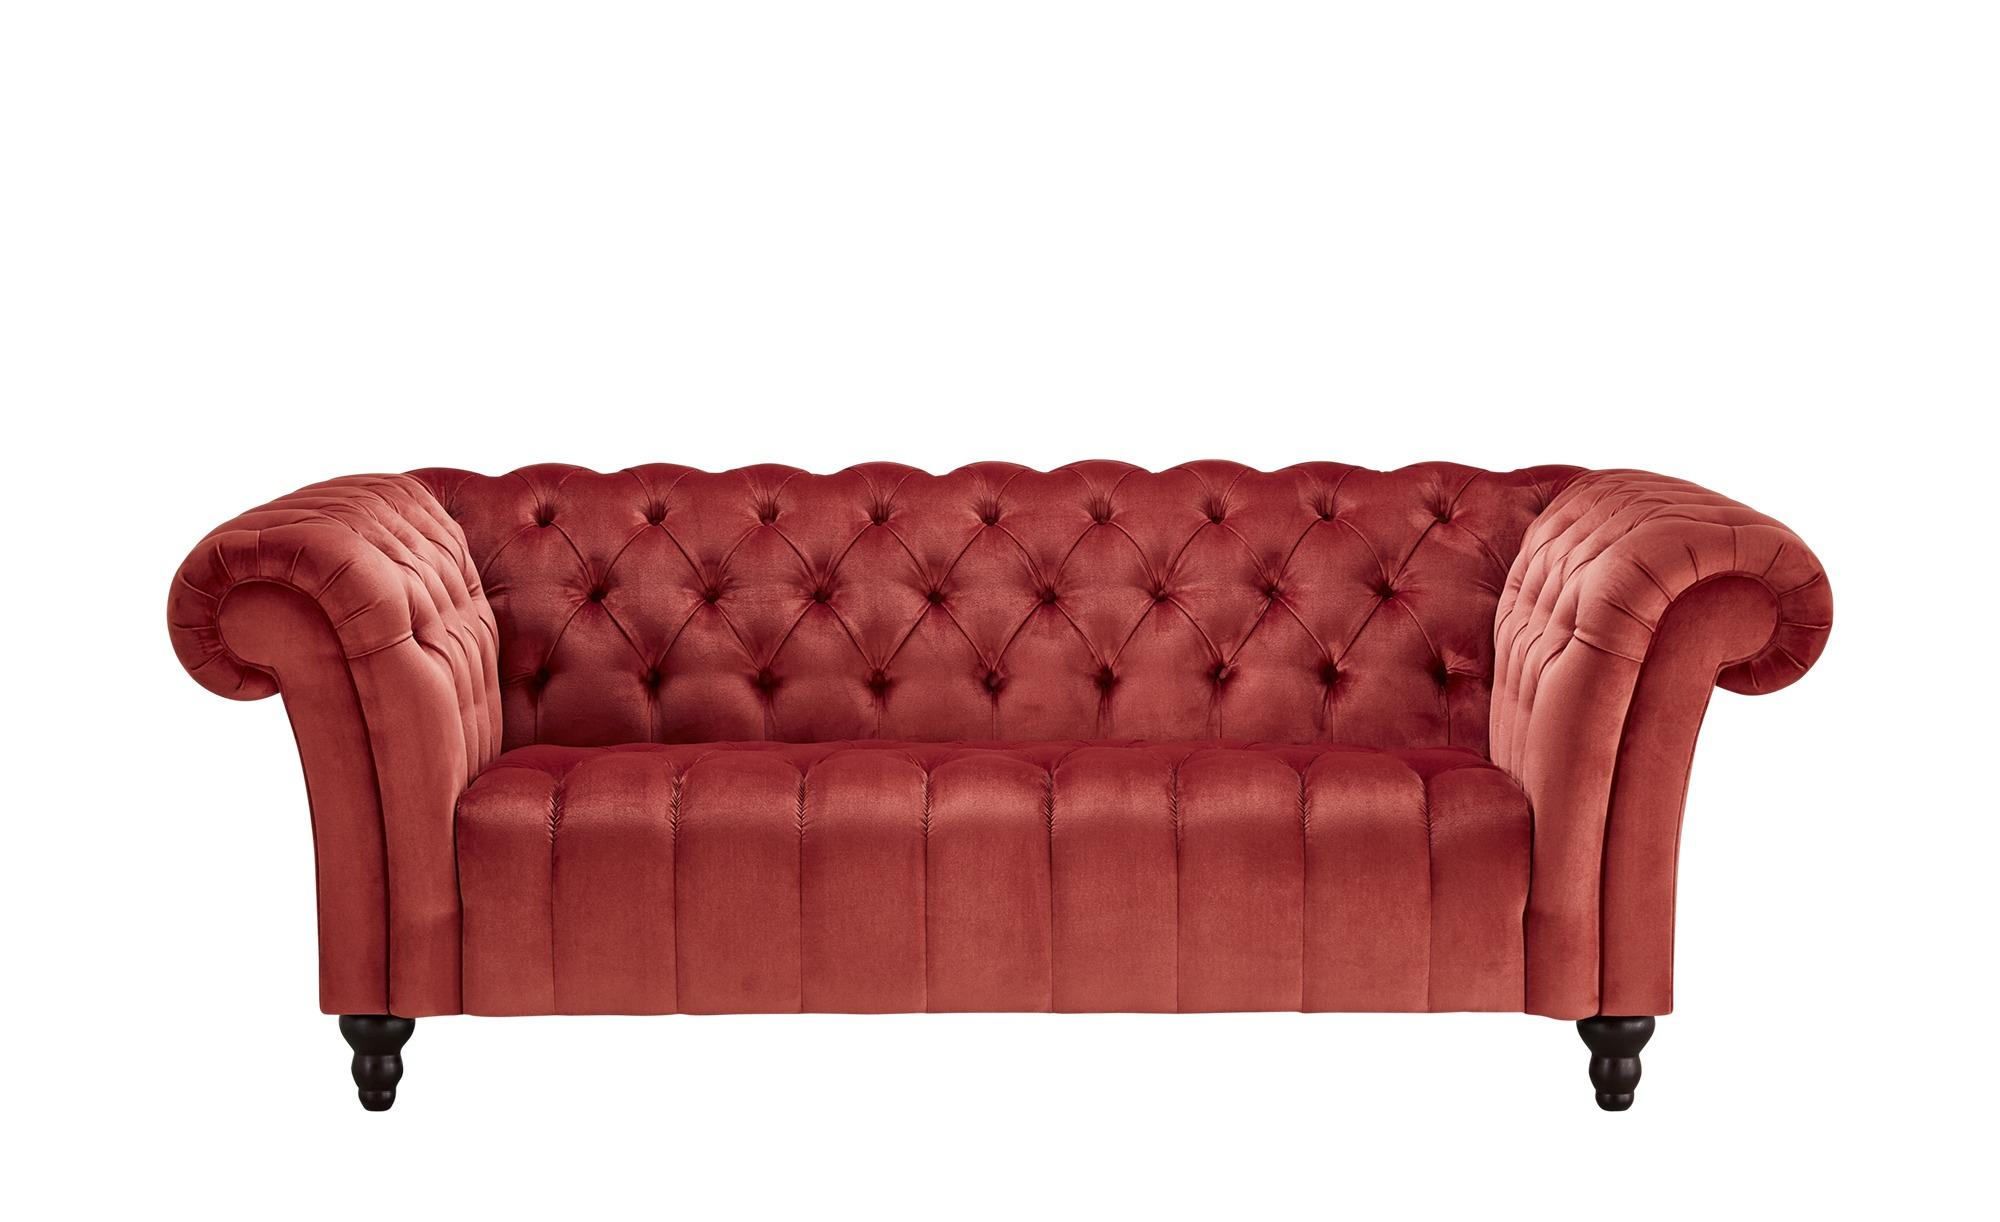 philips hue calla sockelleuchte erweiterung 40cm physiotherapie in chemnitz. Black Bedroom Furniture Sets. Home Design Ideas